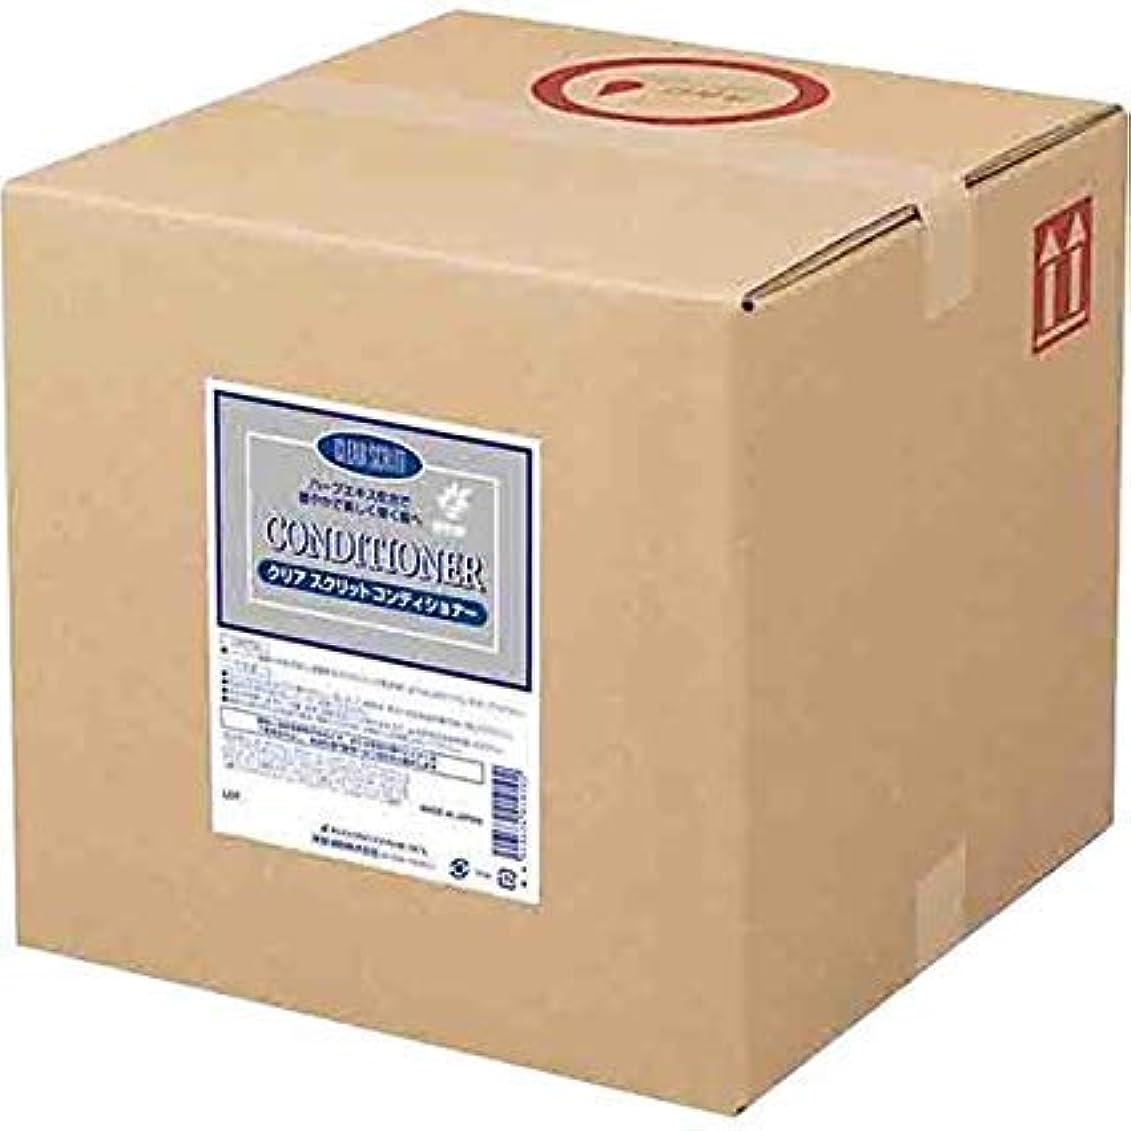 囚人ストライクインタフェース業務用 クリアスクリット コンディショナー 18L 熊野油脂 (コック無し)